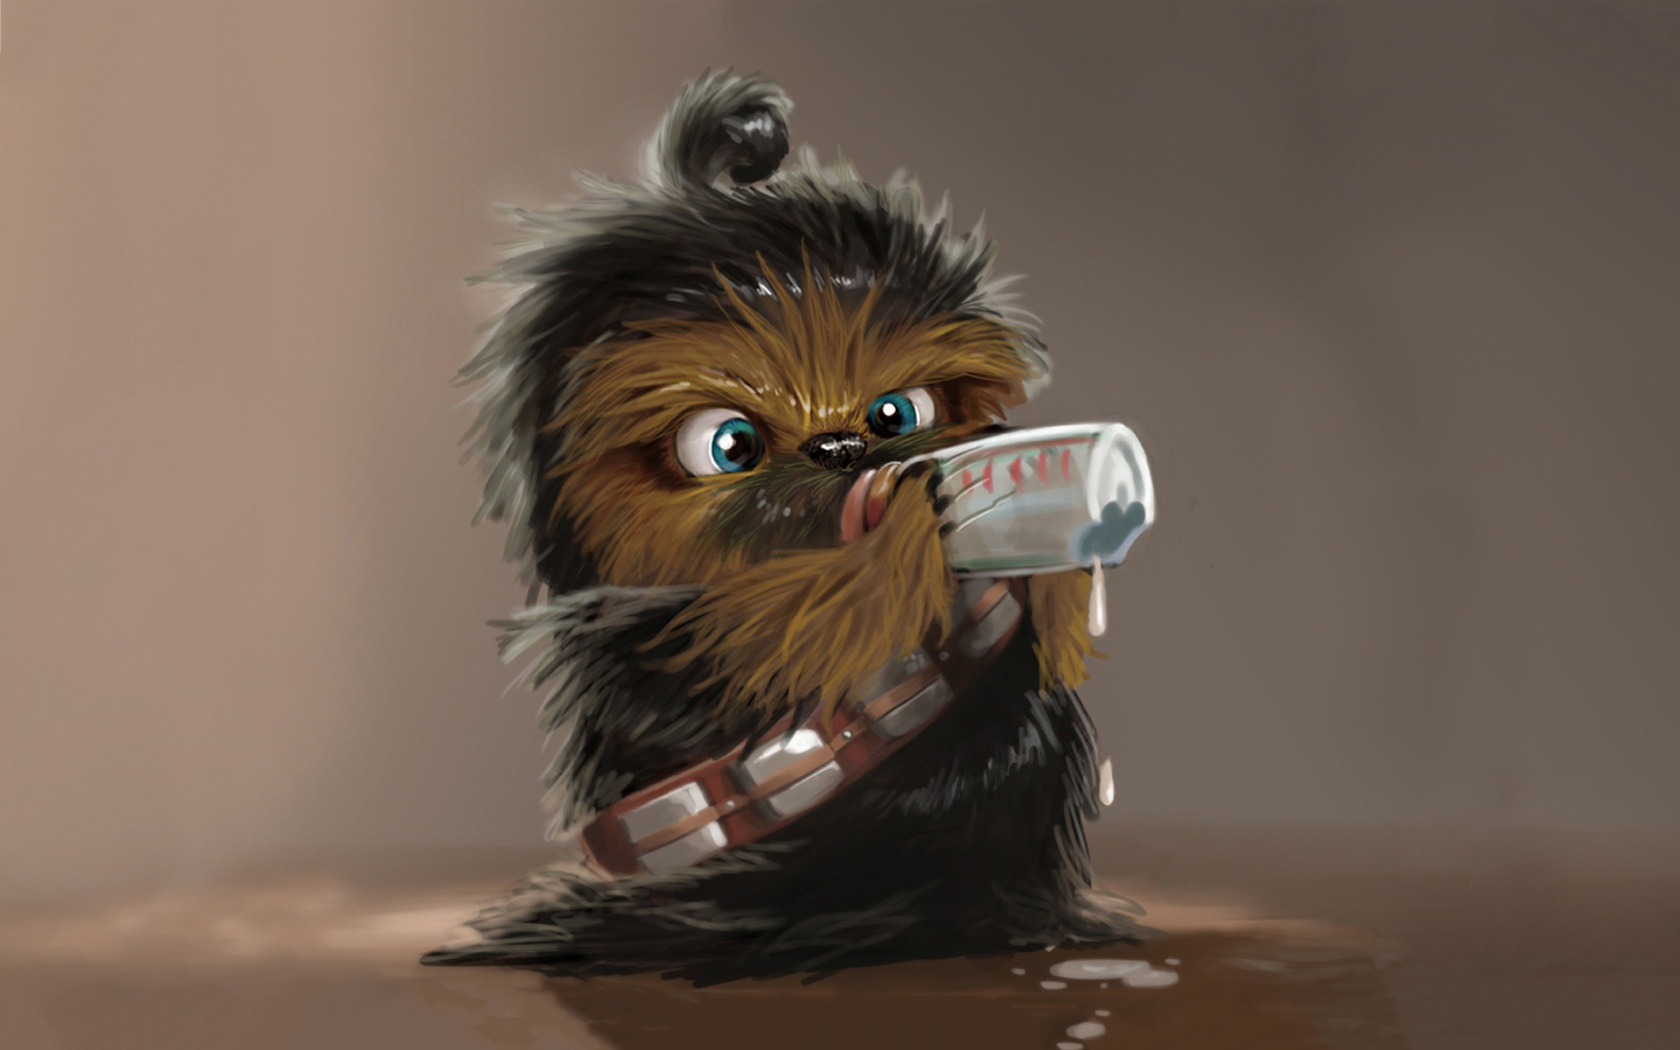 Baby Chewbacca Wallpaper 3